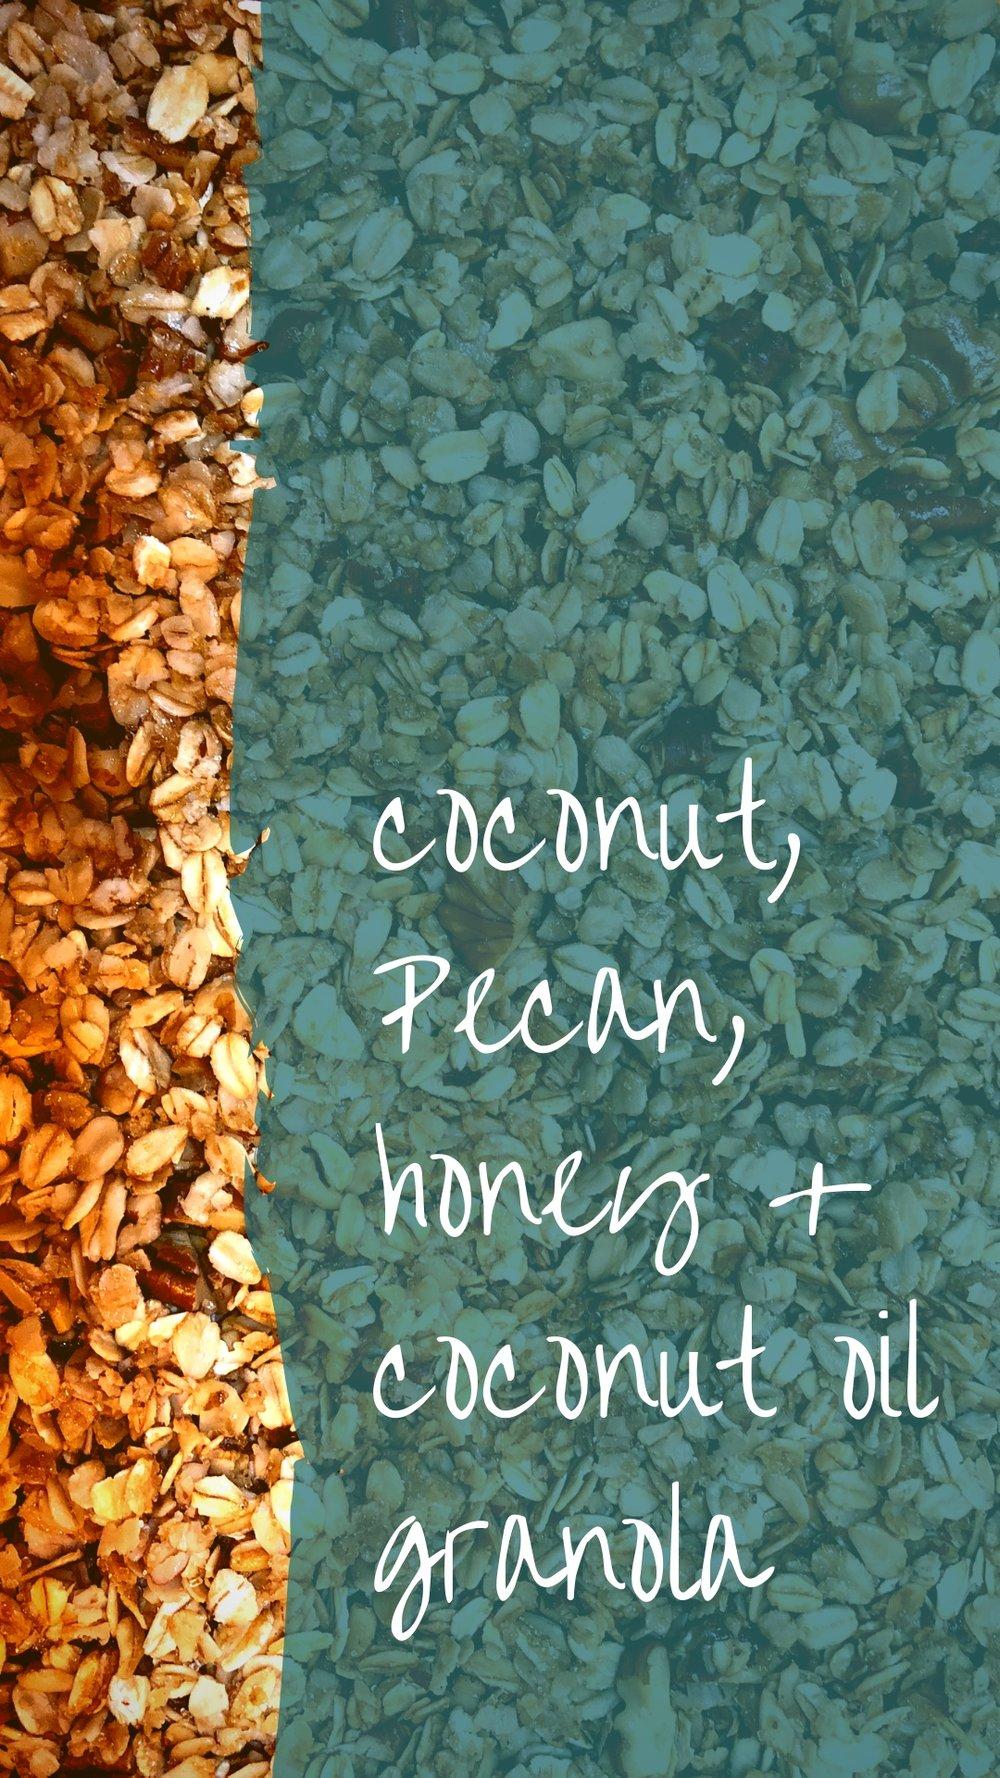 SummerGranolaRecipe - Coconut, Pecan, Honey and Coconut Oil Granola